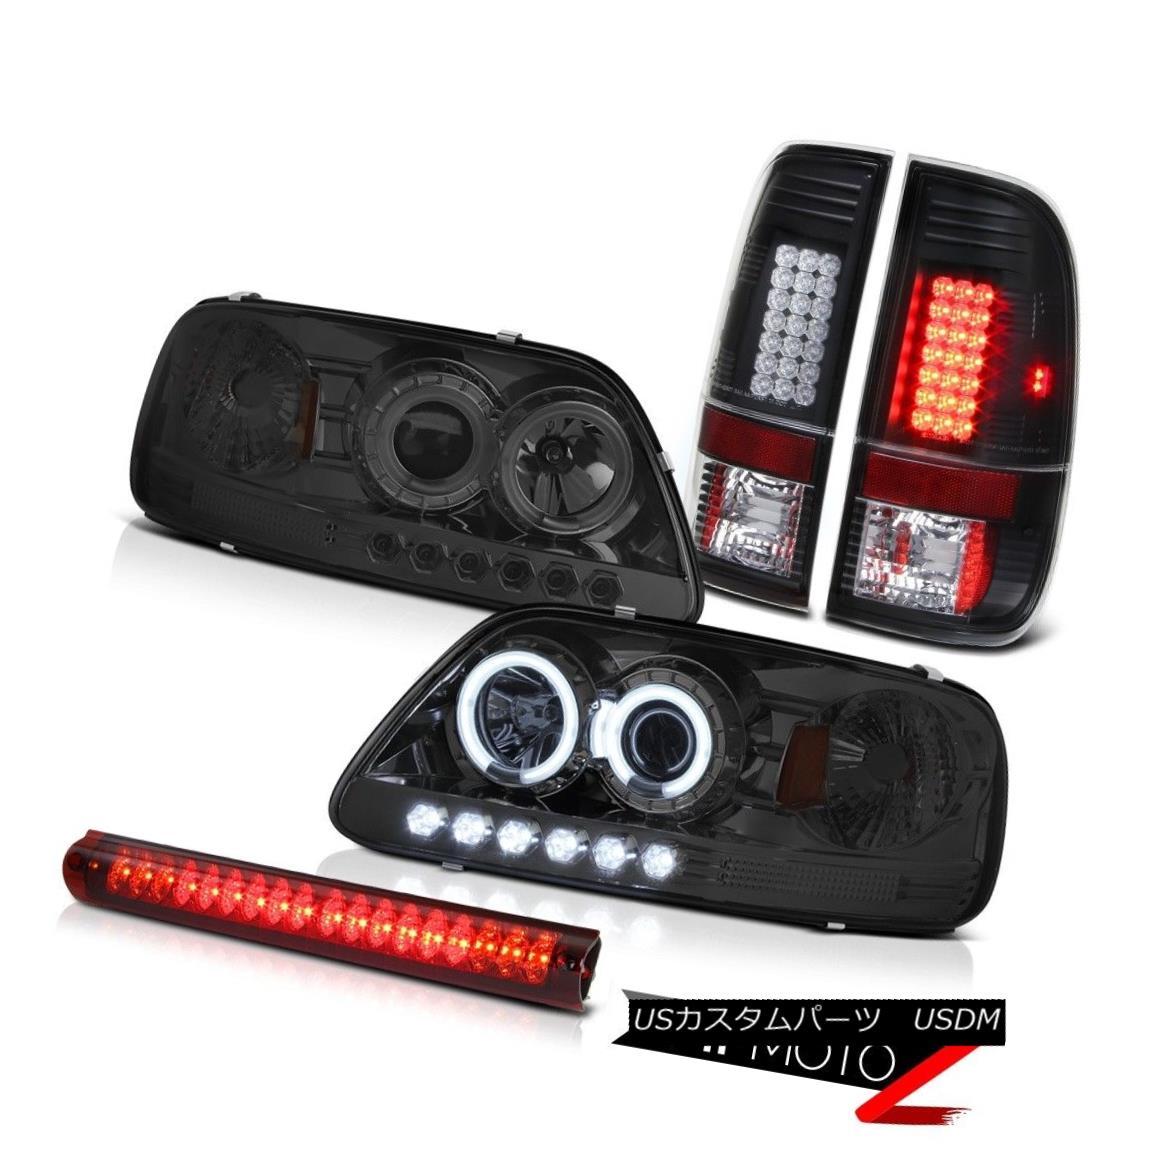 テールライト CCFL Angel Eye Headlight Black LED Tail Lamp Wine Red 3rd Brake Light 97-03 F150 CCFLエンジェルアイヘッドライトブラックLEDテールランプワインレッド第3ブレーキライト97-03 F150